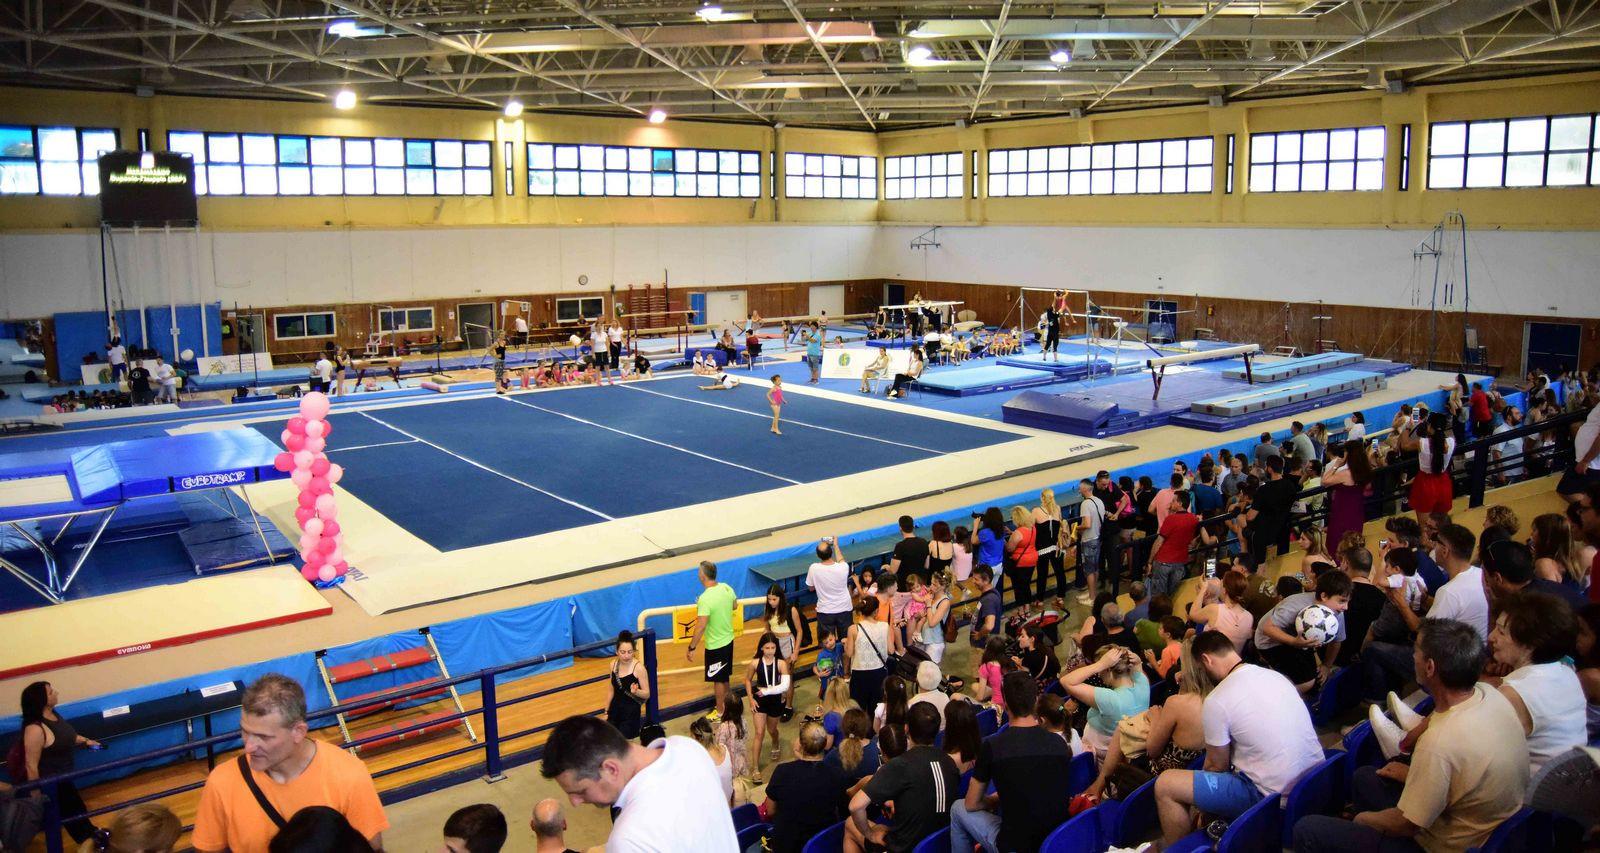 Κλειστό από 10 έως 18 Αυγούστου το Εθνικό Γυμναστήριο Μίκρας